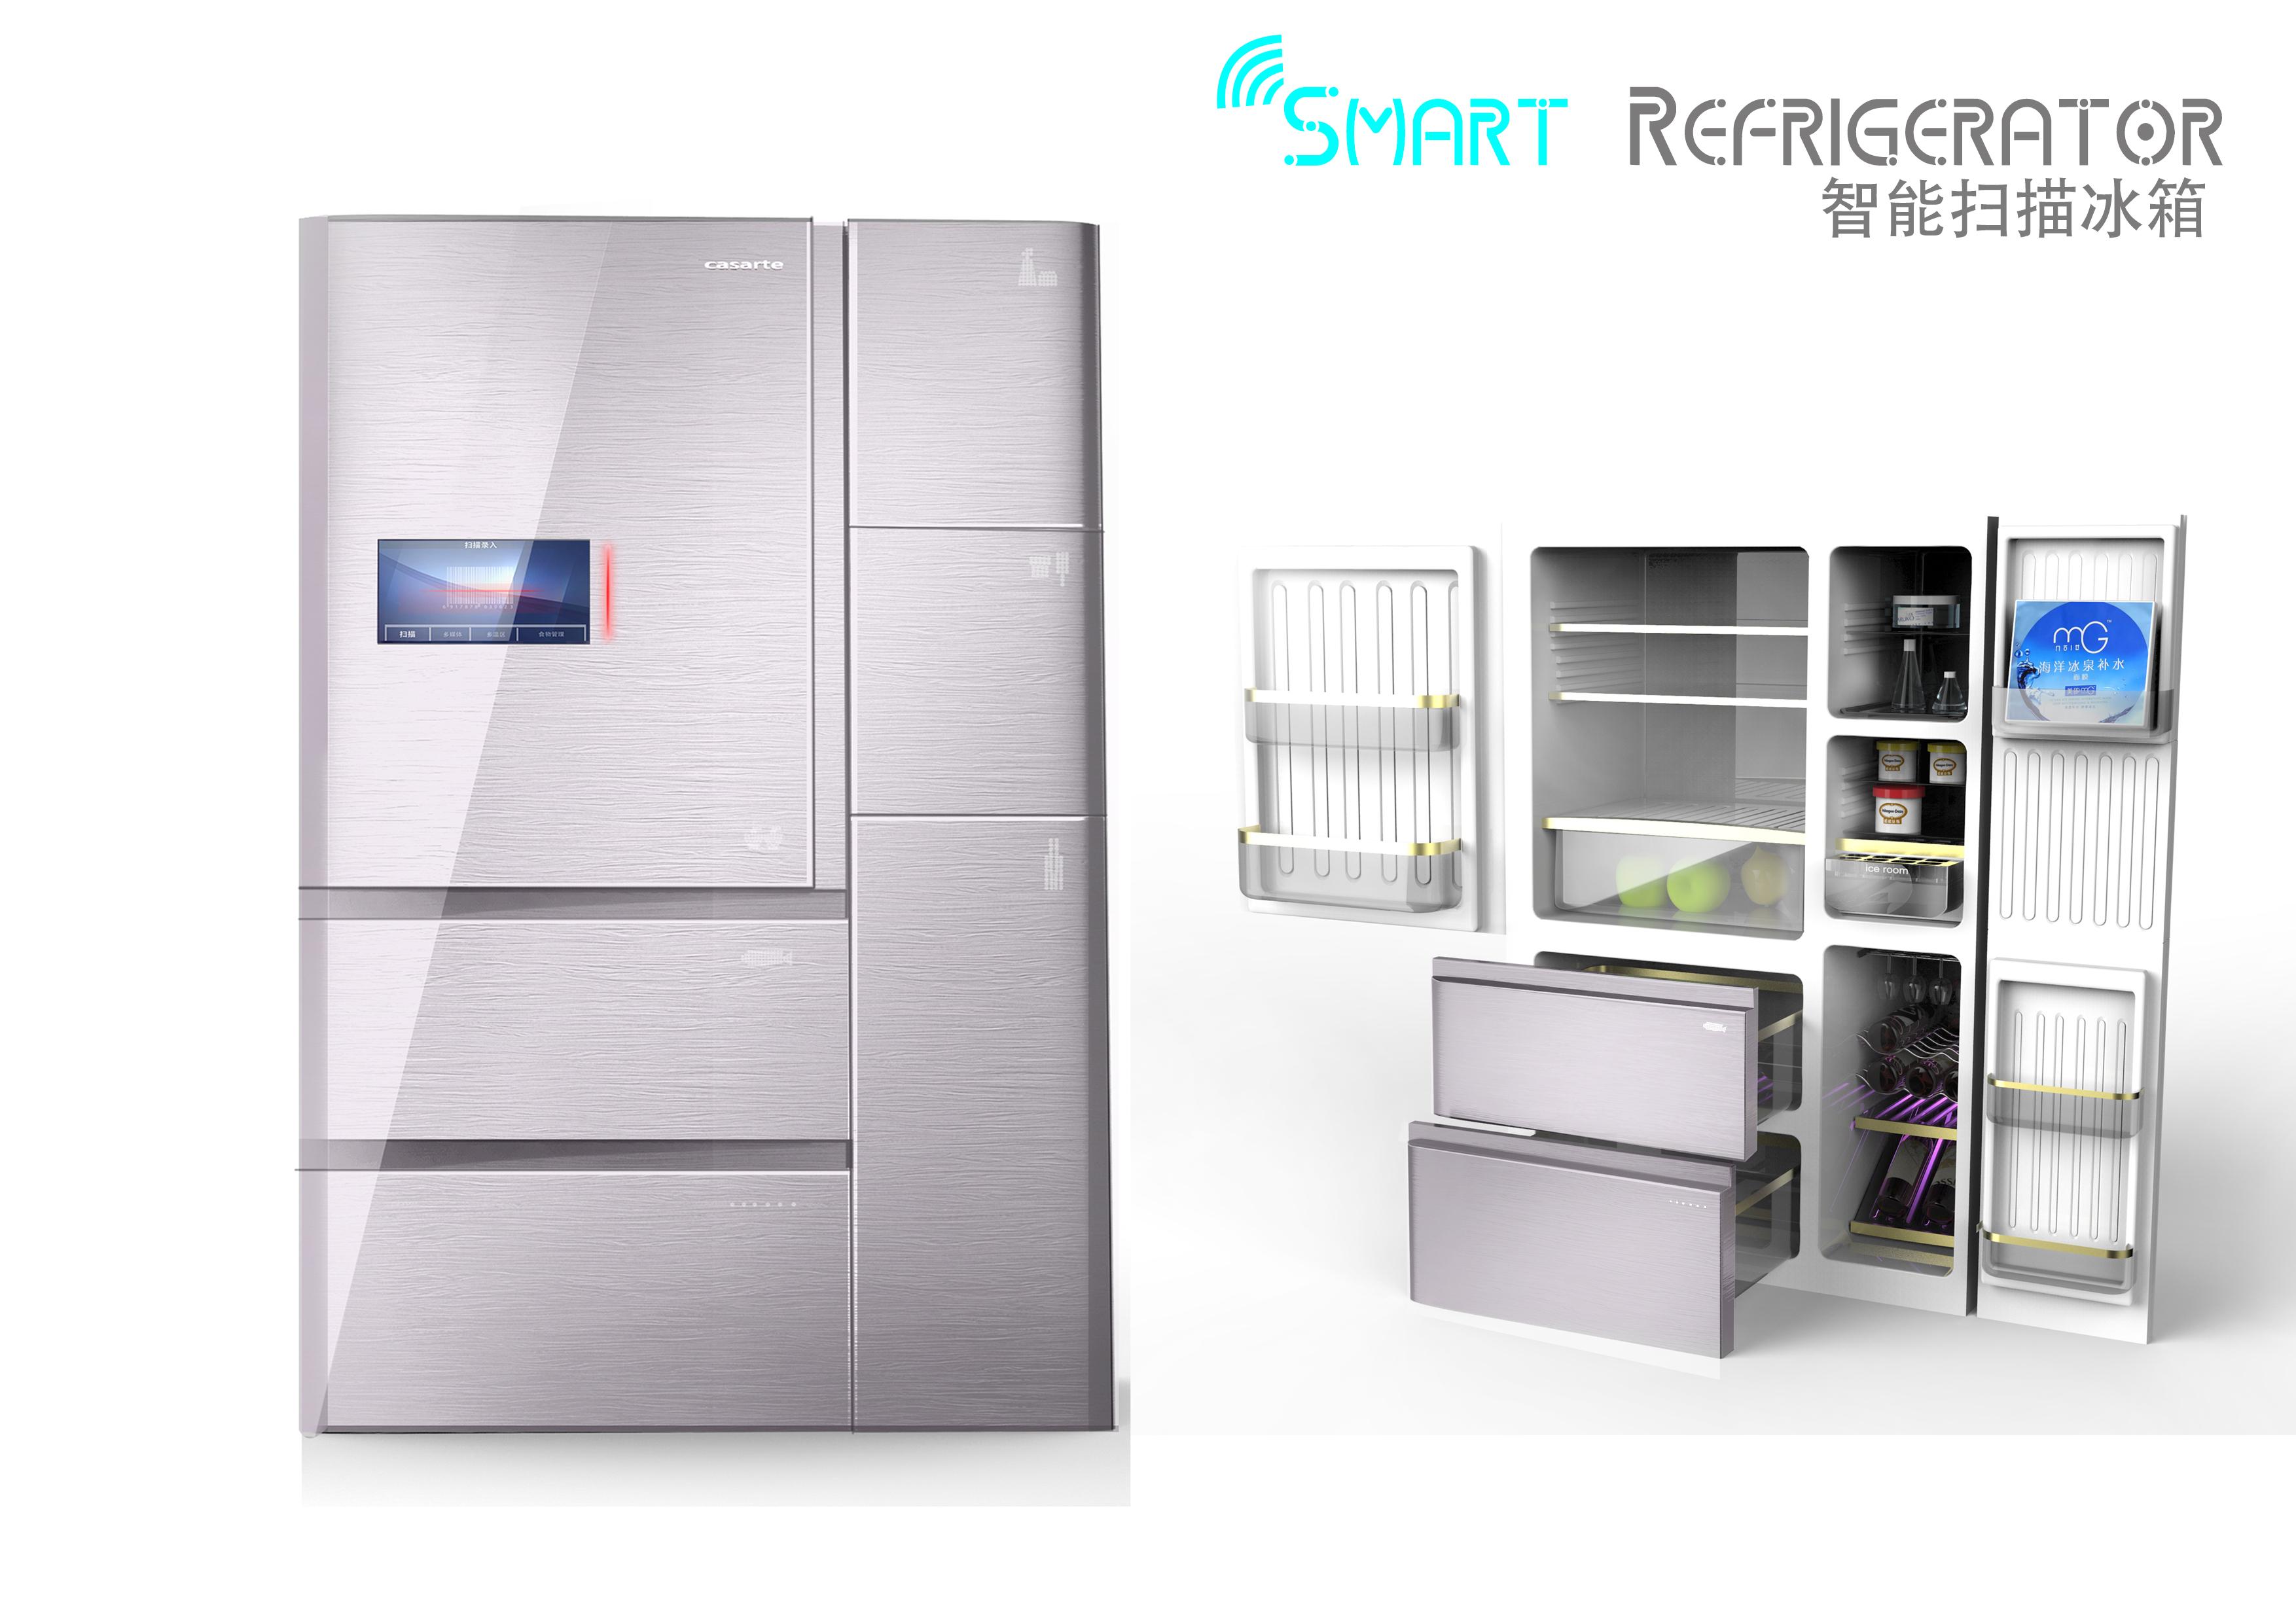 海尔卡萨帝冰箱冷冻室温度怎么调_卡萨帝冰箱质量怎么样_卡萨帝冰箱质量怎么样